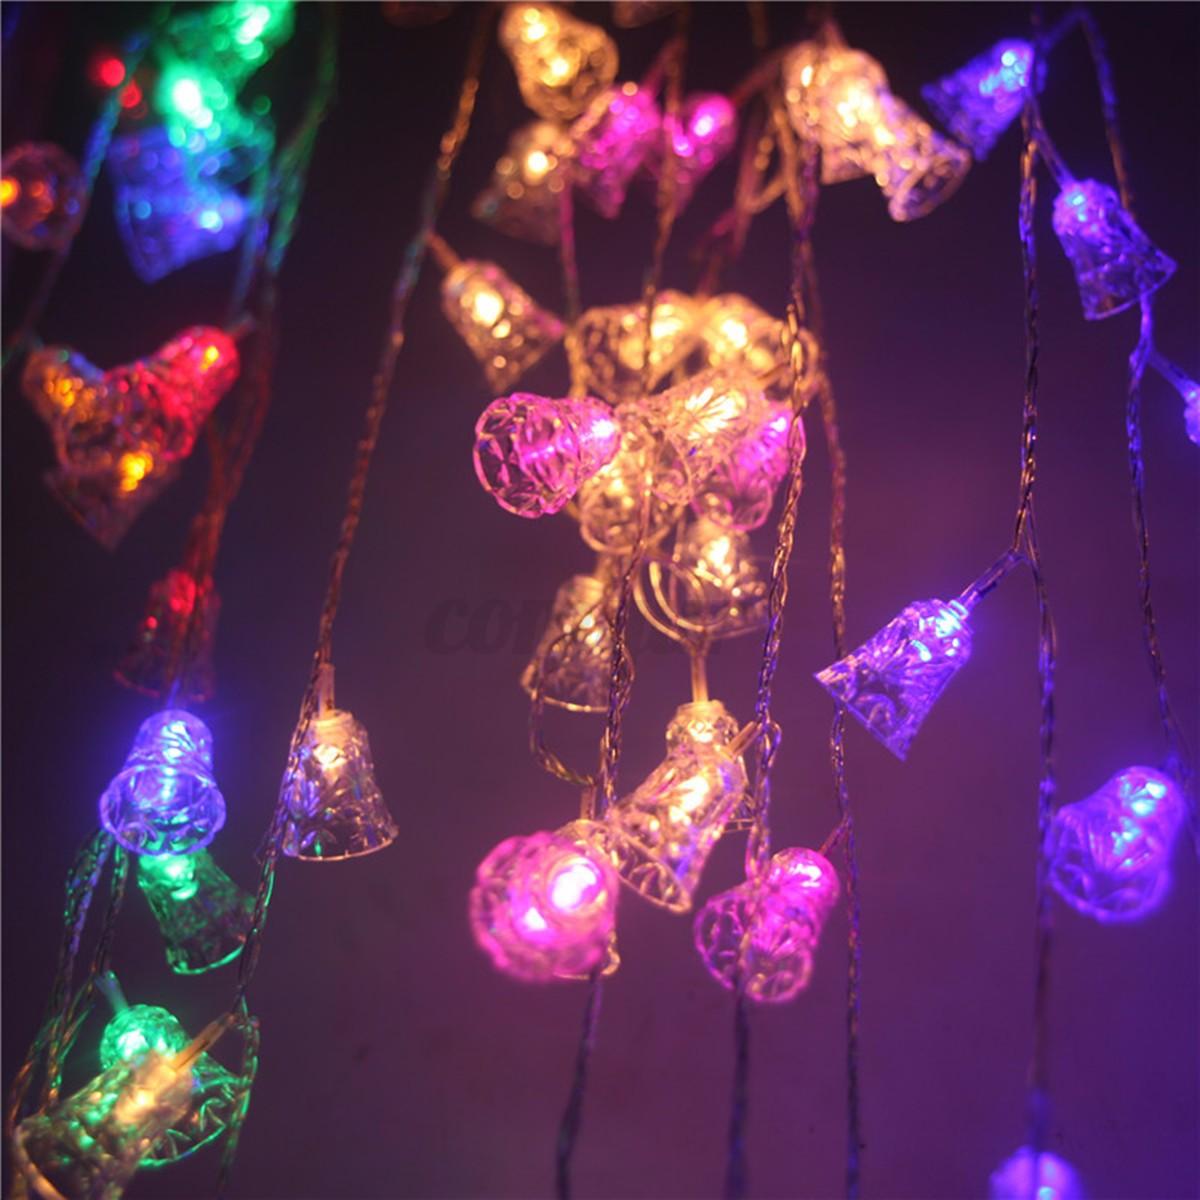 20 LED Christmas Bell Shaped Flashing Light String Xmas Tree Hanging Decoration eBay